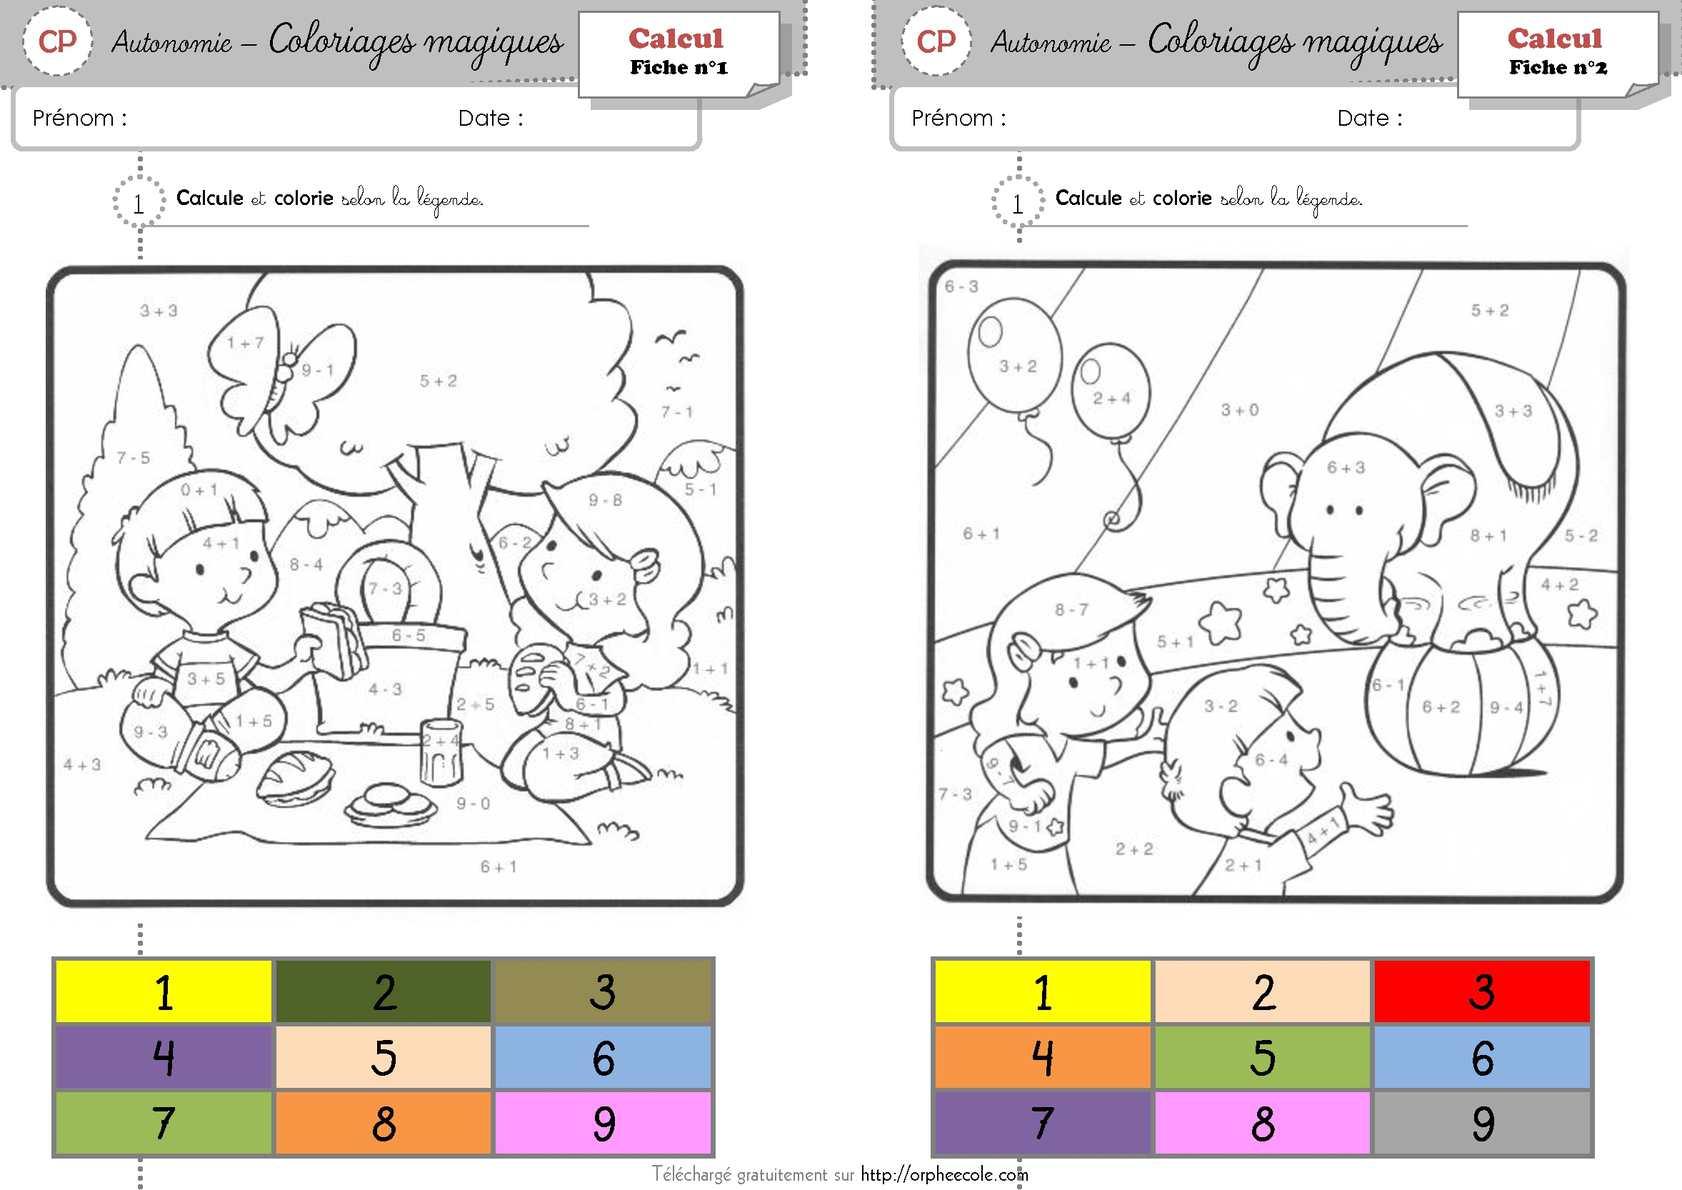 Calaméo - Coloriage Magique - Cp tout Coloriage Codé Cp